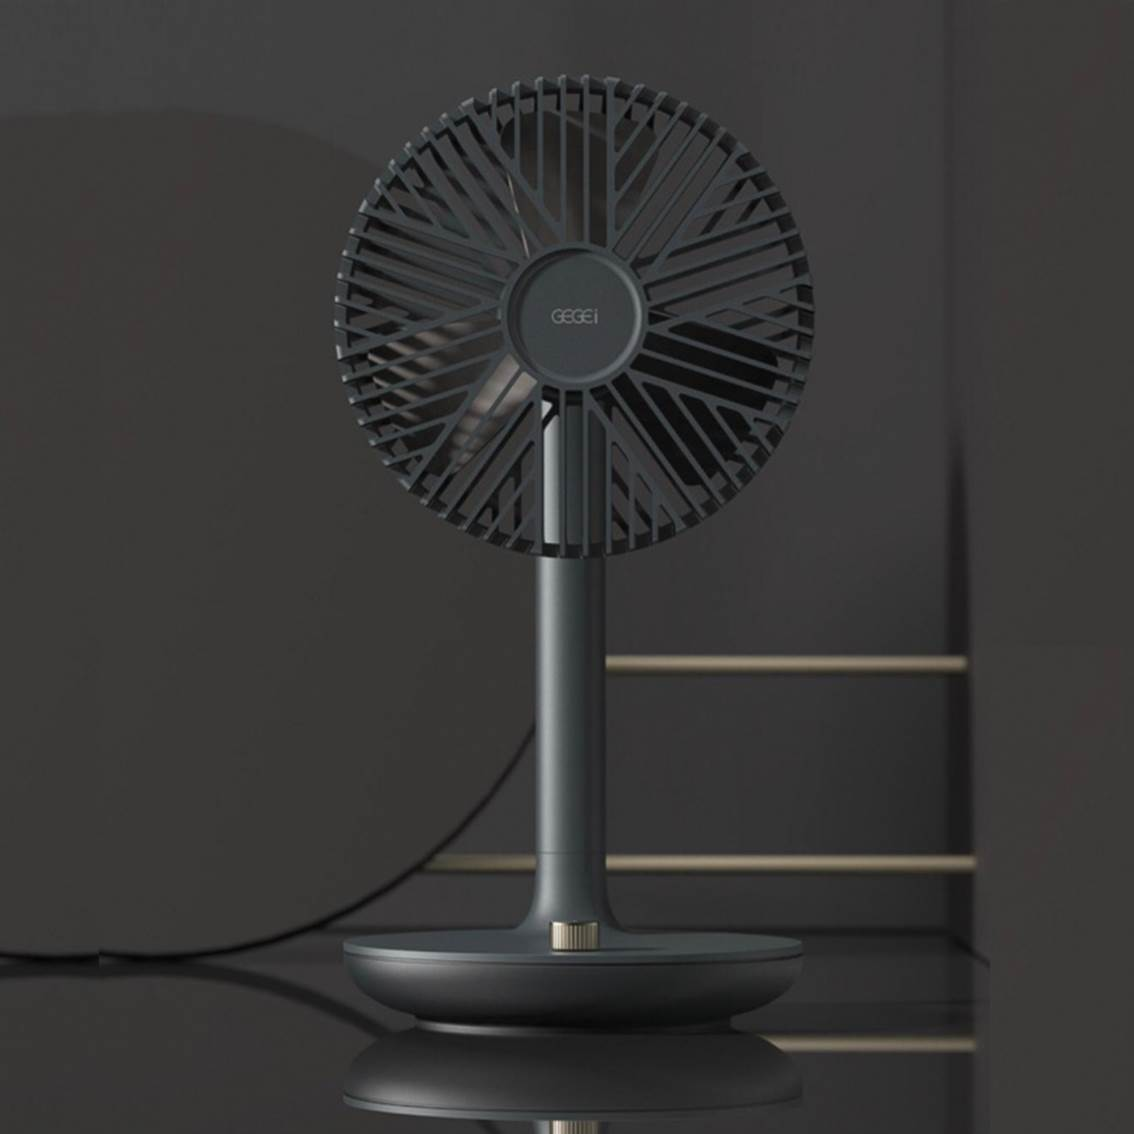 GEGEIF9 桌上型電扇 黑